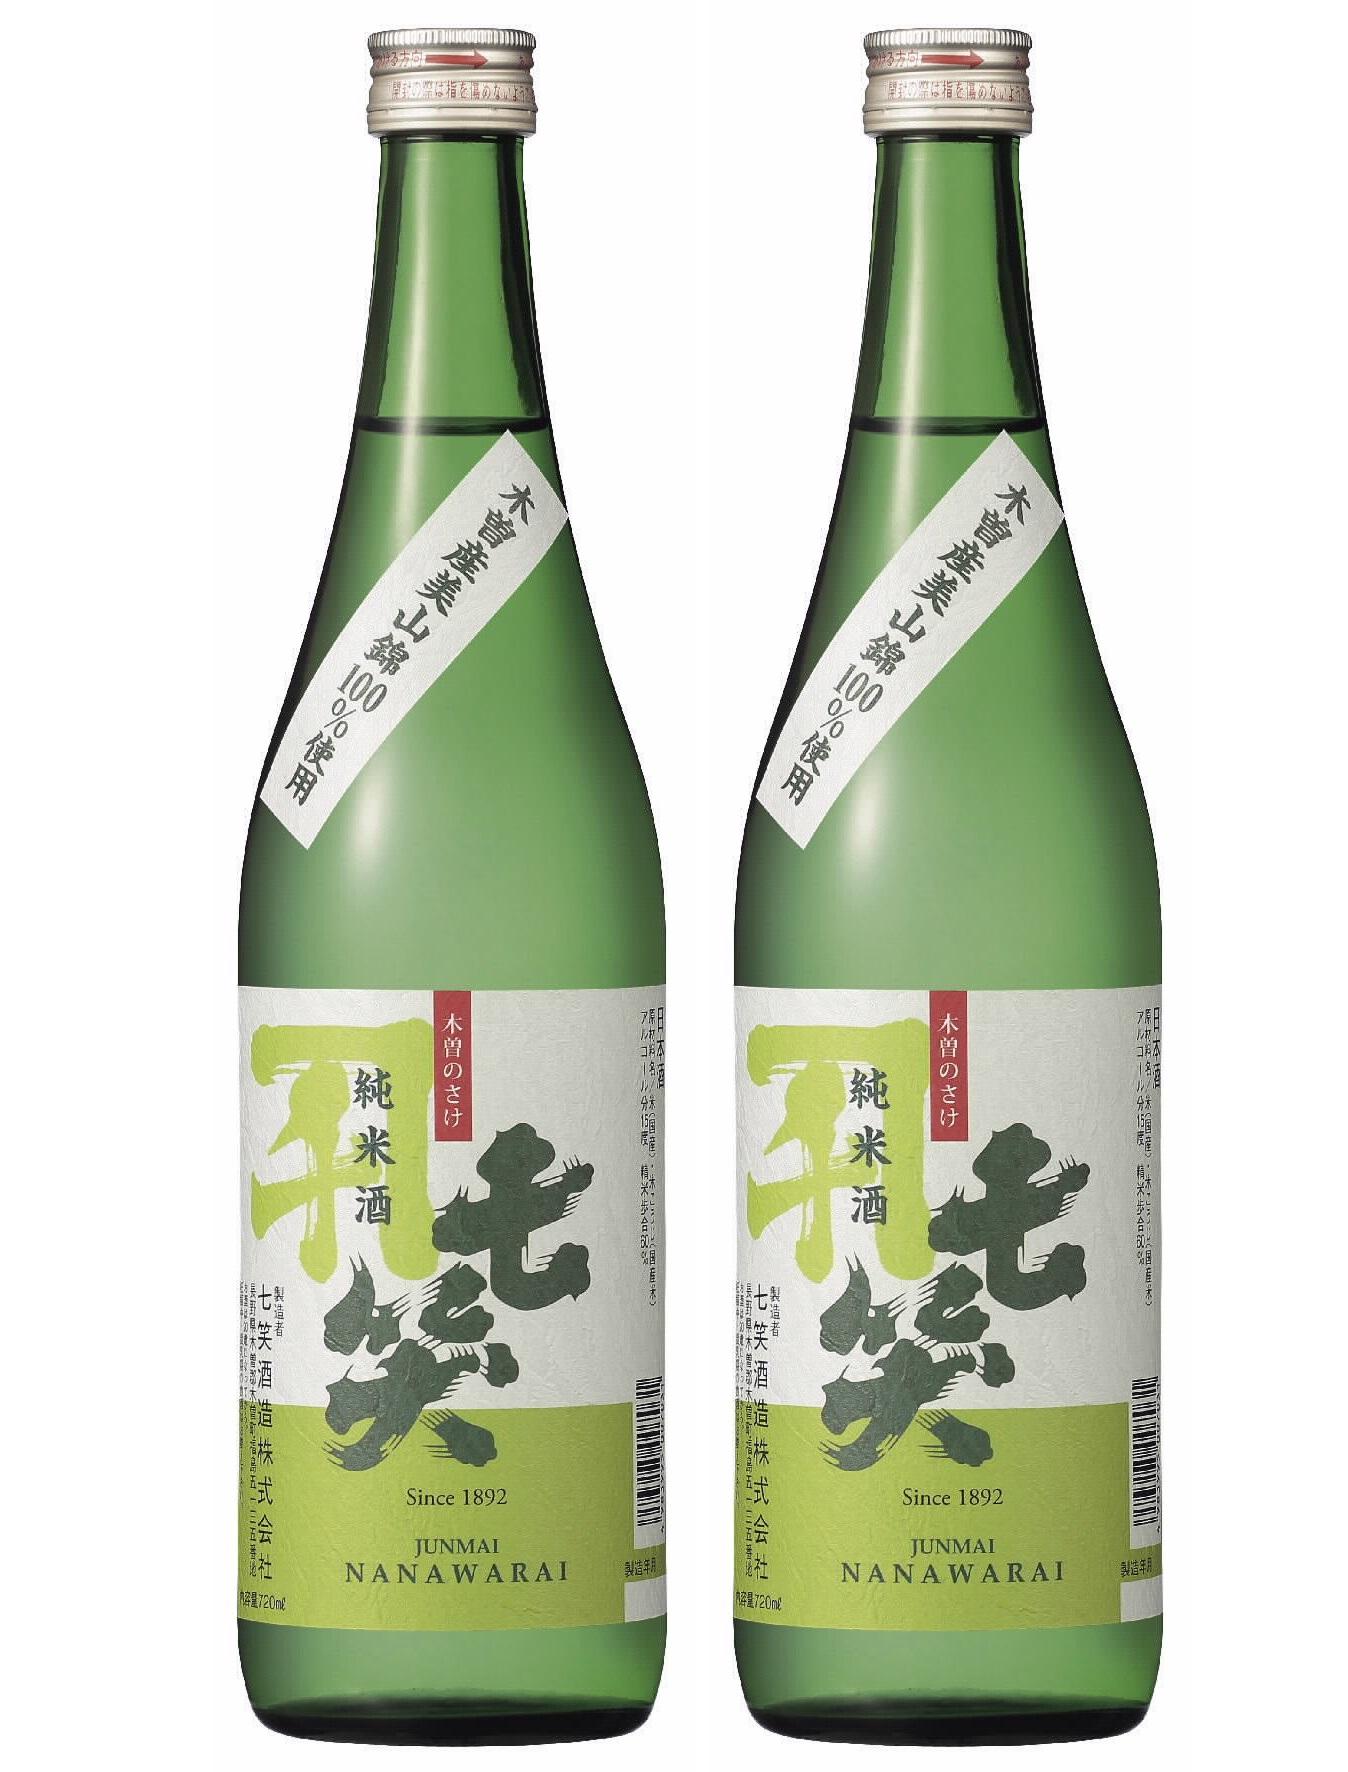 七笑 木曽の米から造った純米酒720ml × 2本